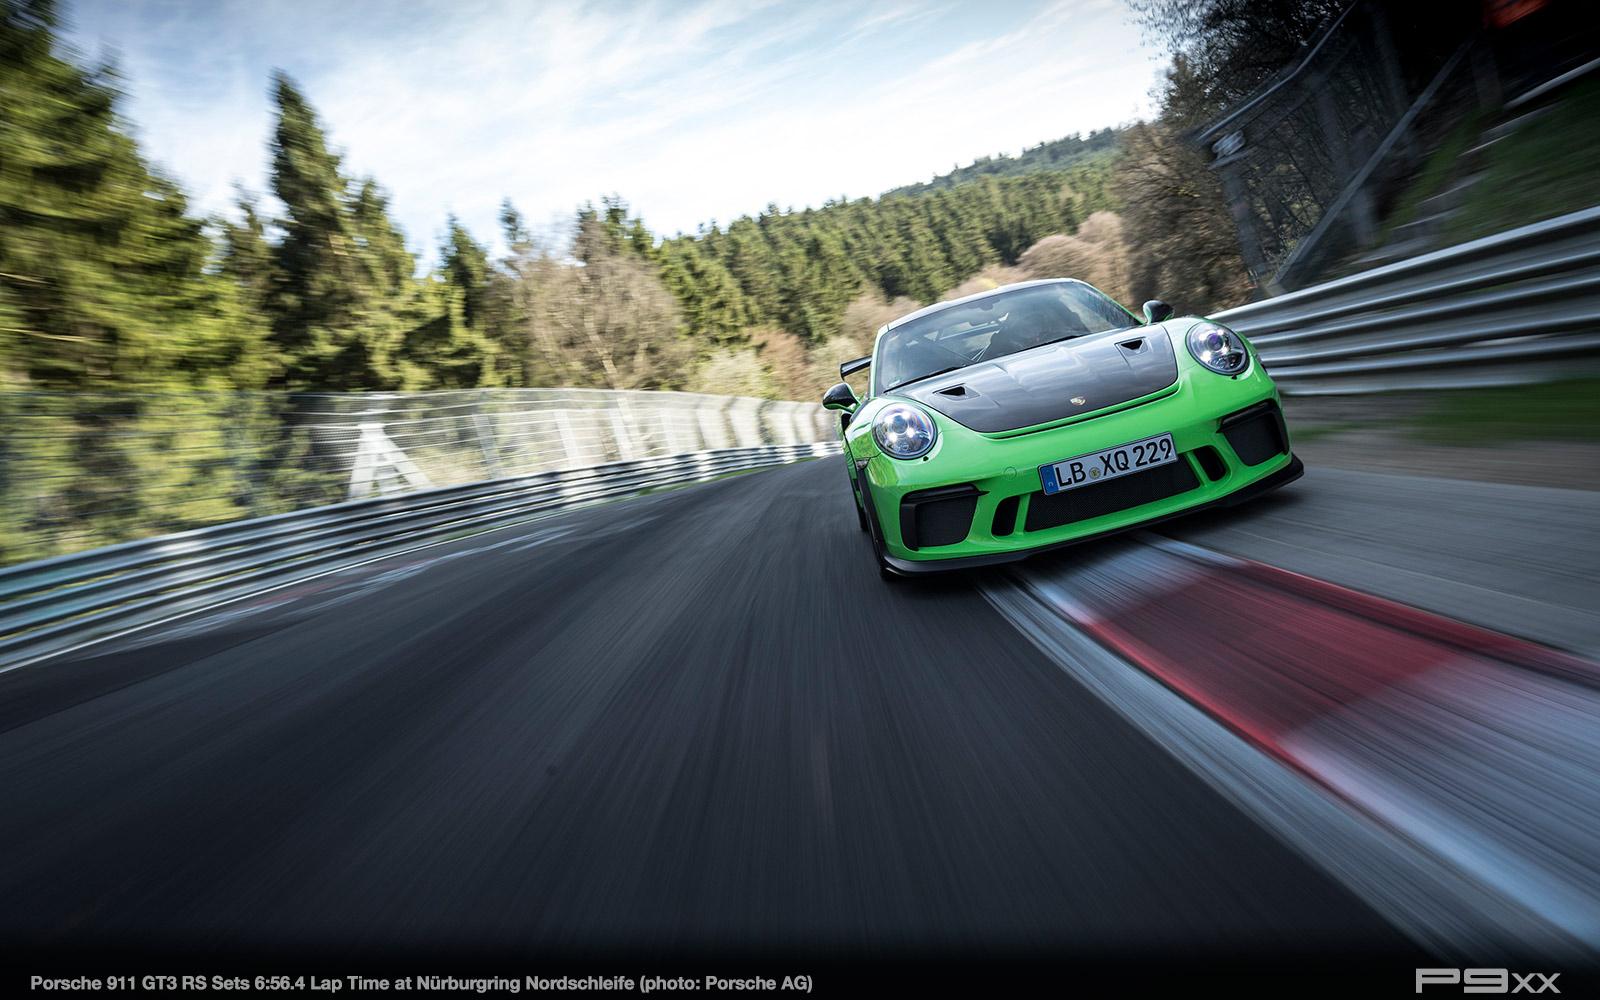 Porsche-911-9912-GT3-RS-Sets-Nurburgring-Lap-Time-284